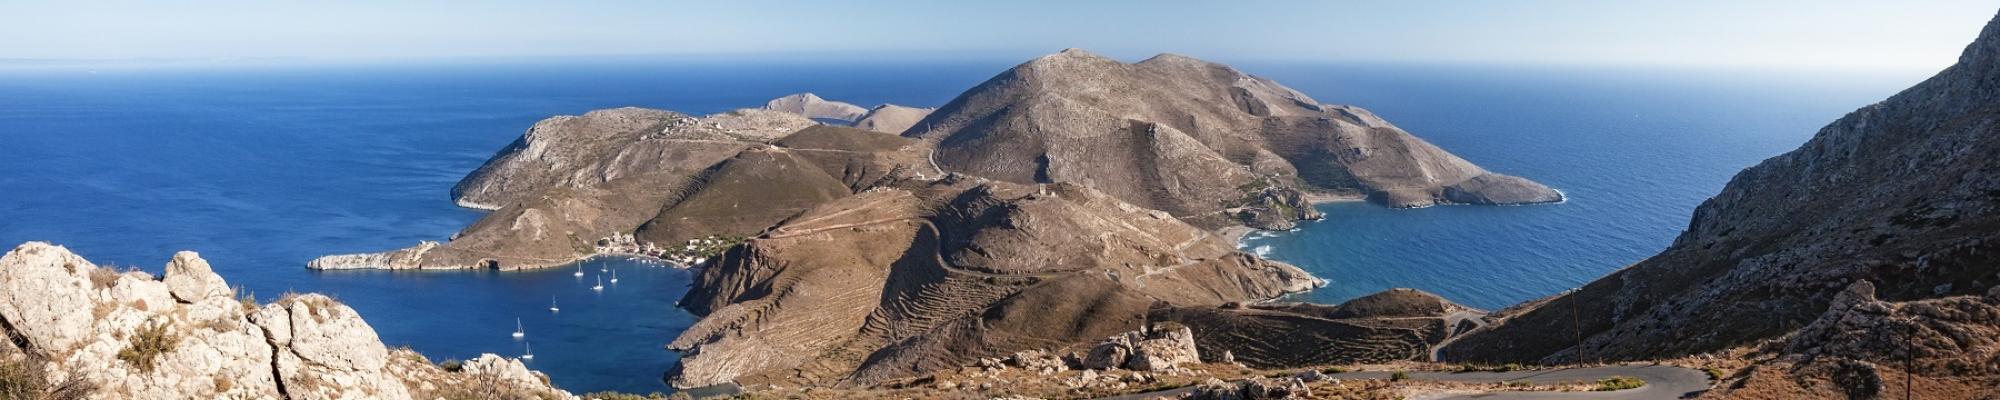 Voyage Grèce continentale Péloponnèse autotour